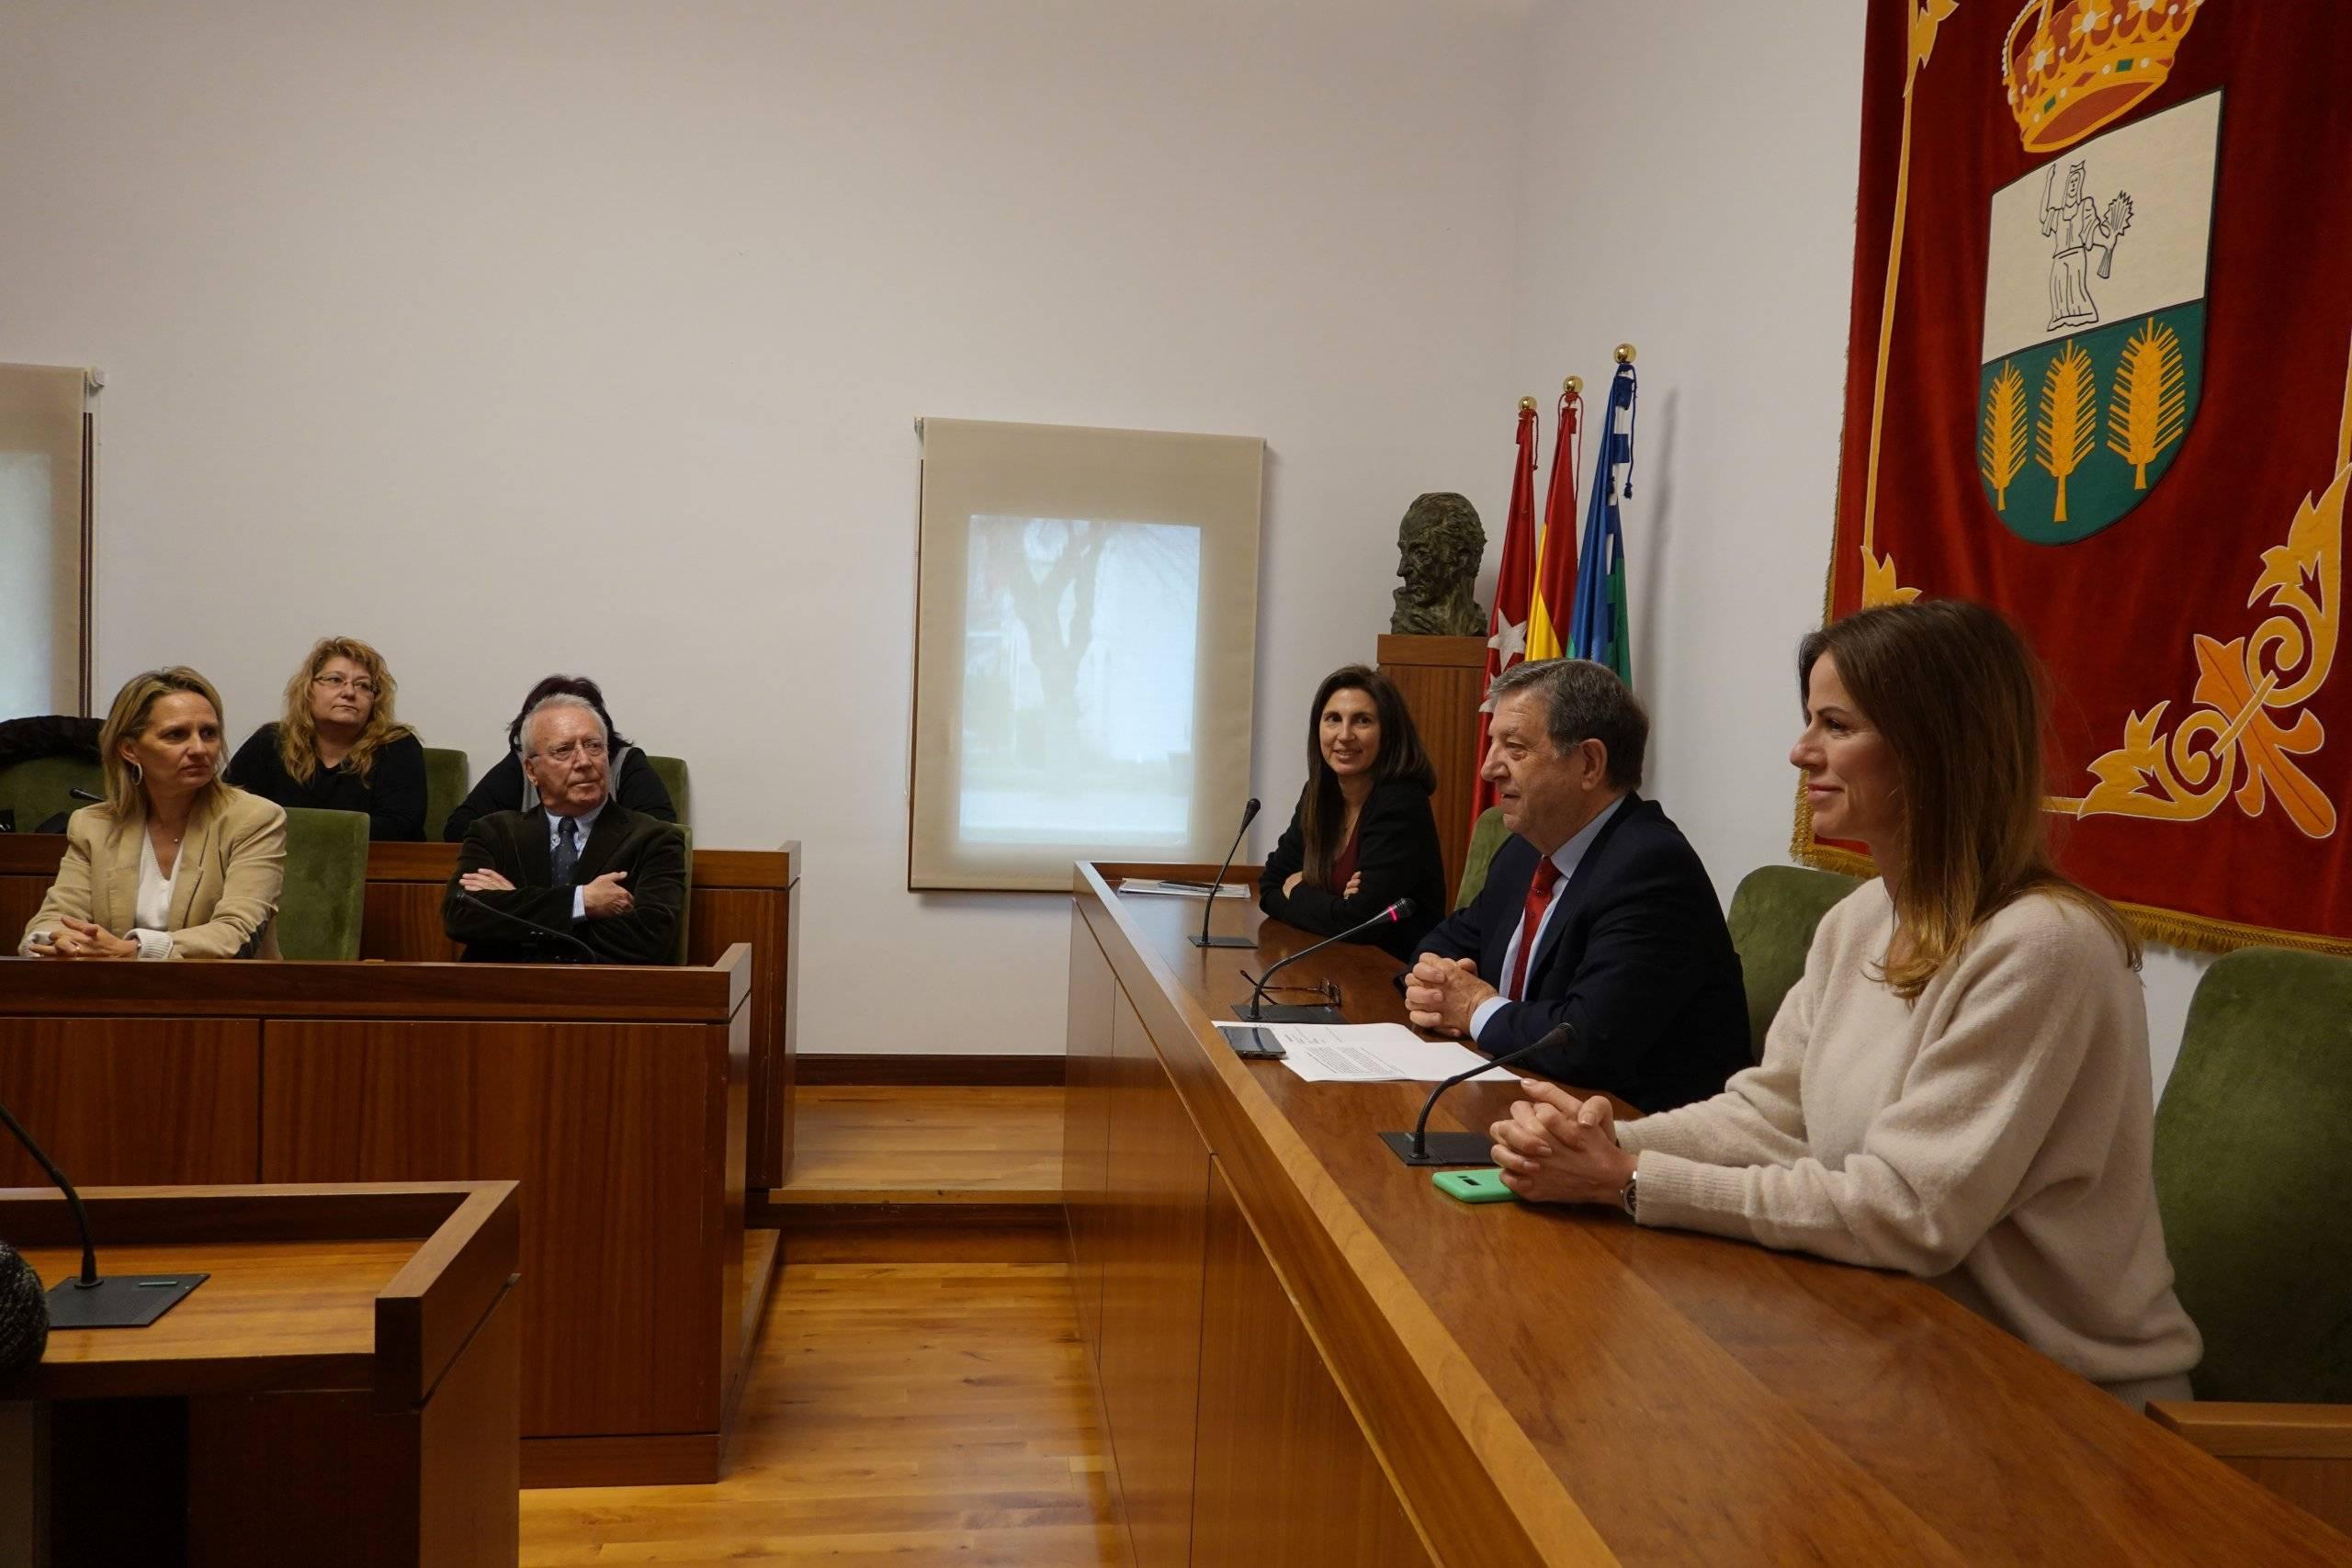 El alcalde, Luis Partida, la concejala de Educación, Cristina Hernández y Leticia Reyes, responsable del proyecto en el colegio Zola.